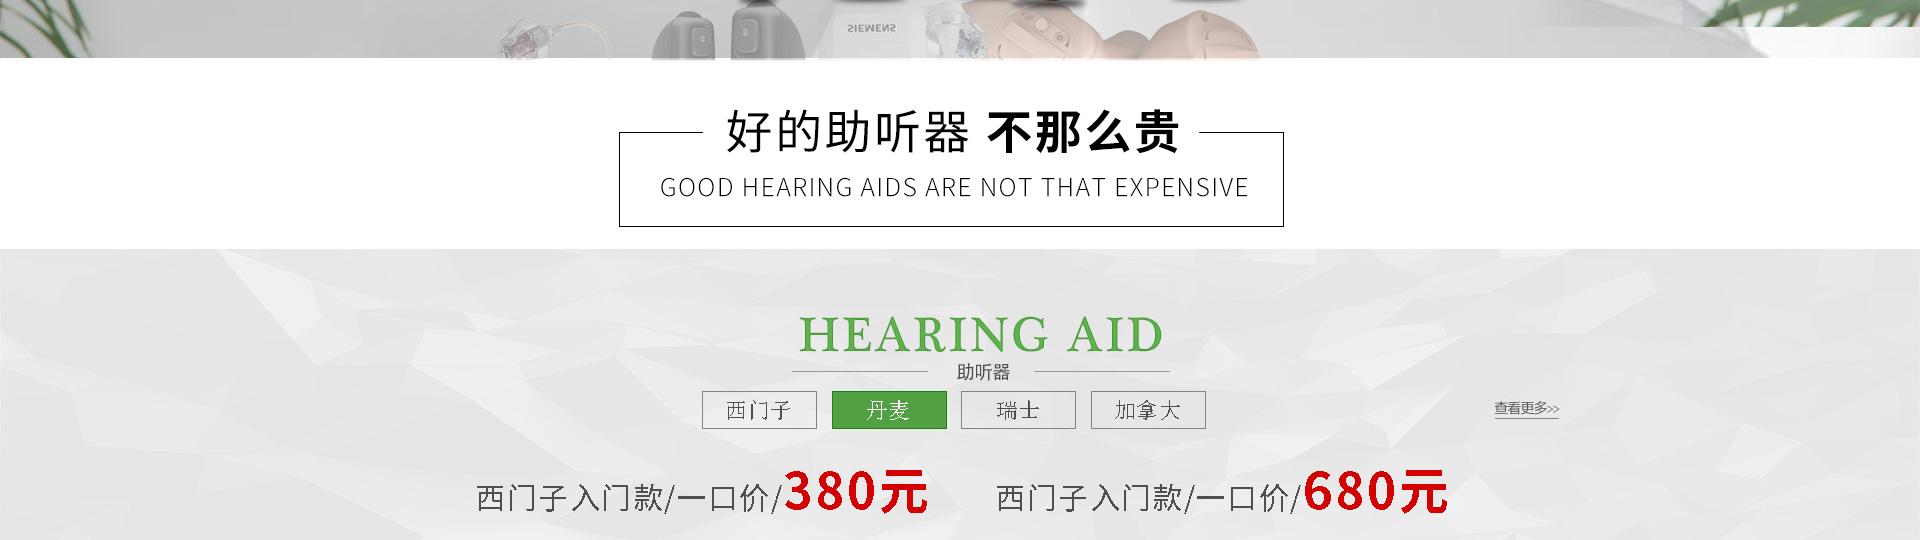 2019惠听听力金秋十月喜迎国庆全店特价促销